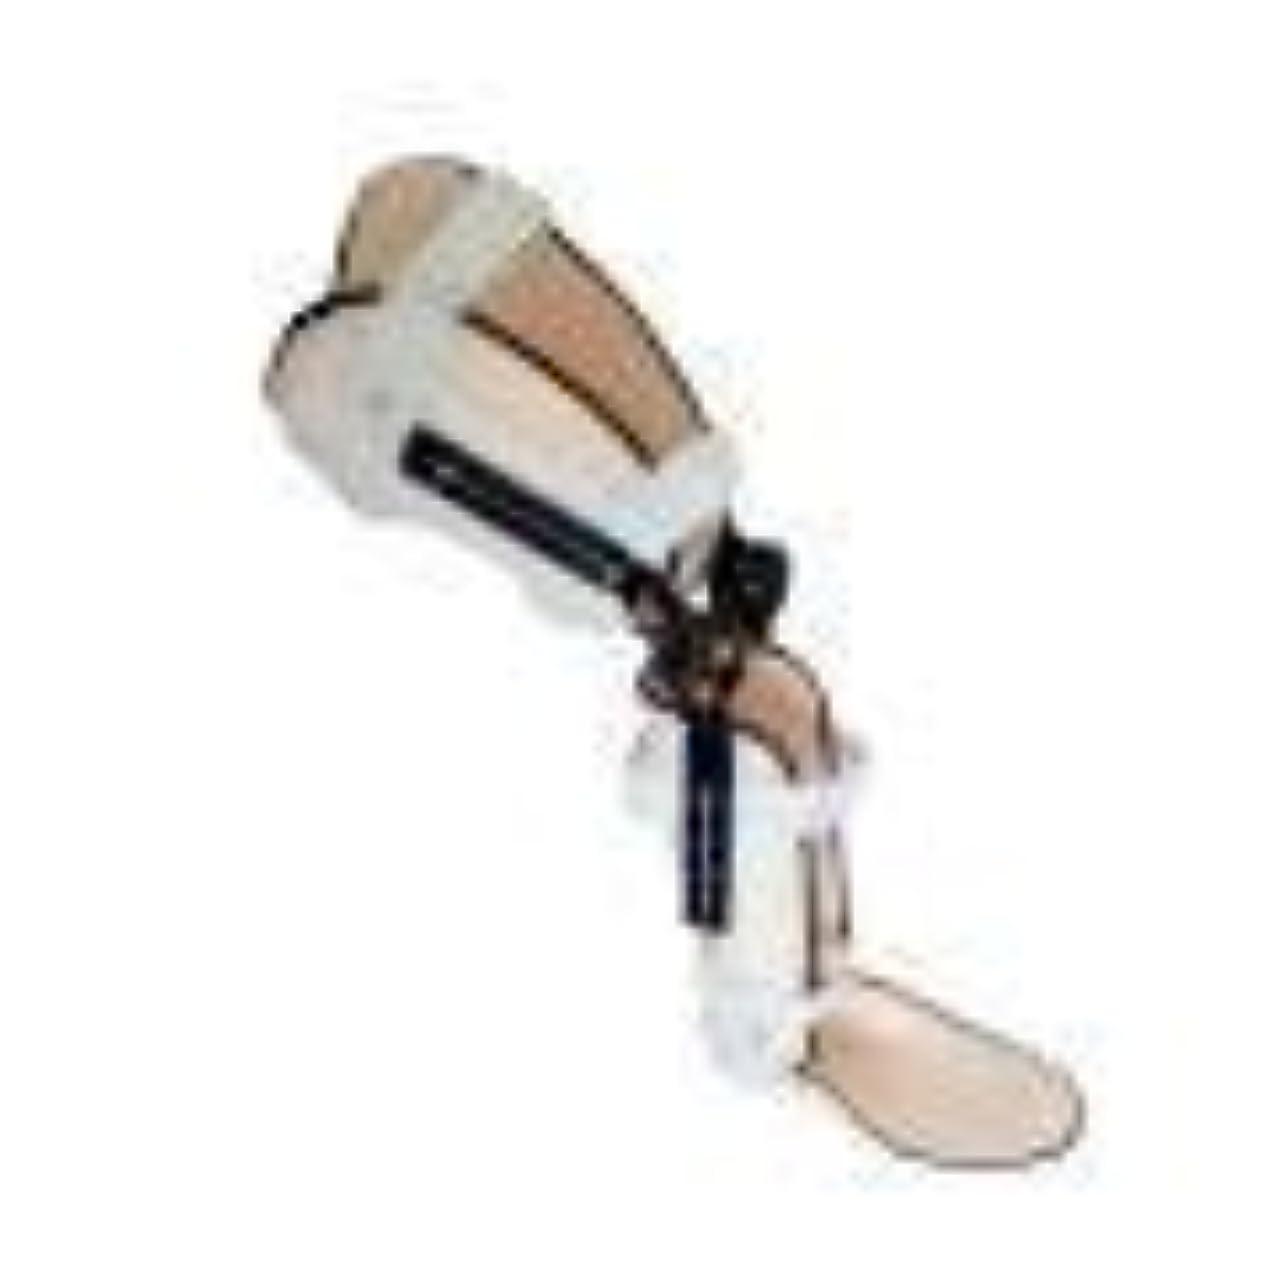 肯定的嫌なジョブヒンジ付き膝装具、ポストOP膝蓋装具サポートスタビライザーパッド装具スプリントラップ医療用整形外科用ガードプロテクター (Color : As Picture, Size : Left Foot)